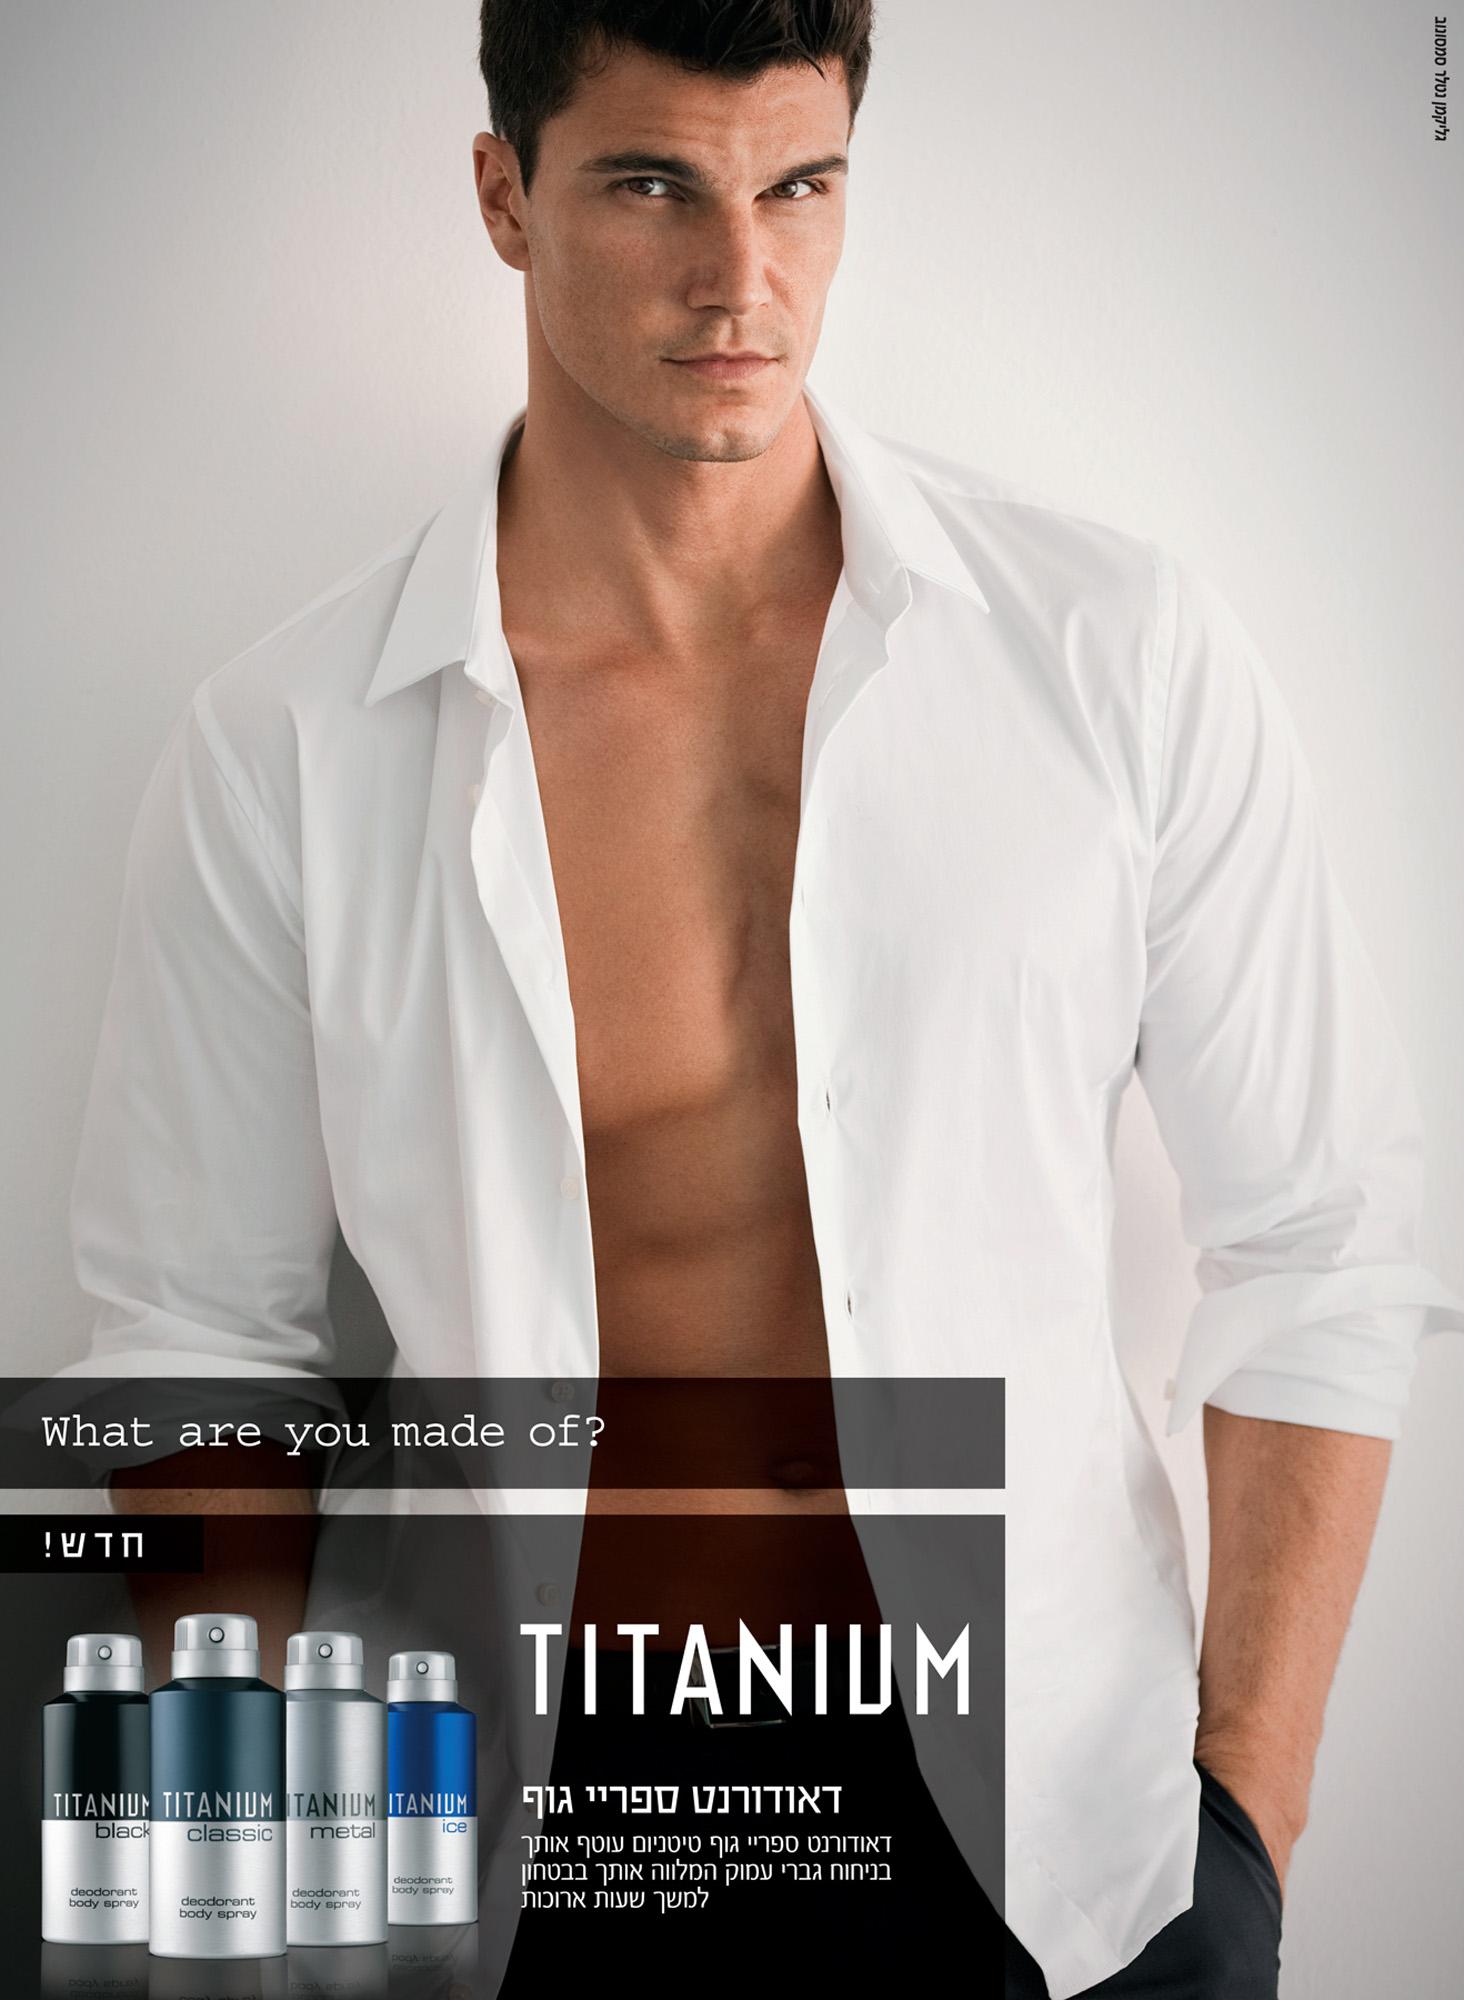 Ad_Titanium_Body_spray-1